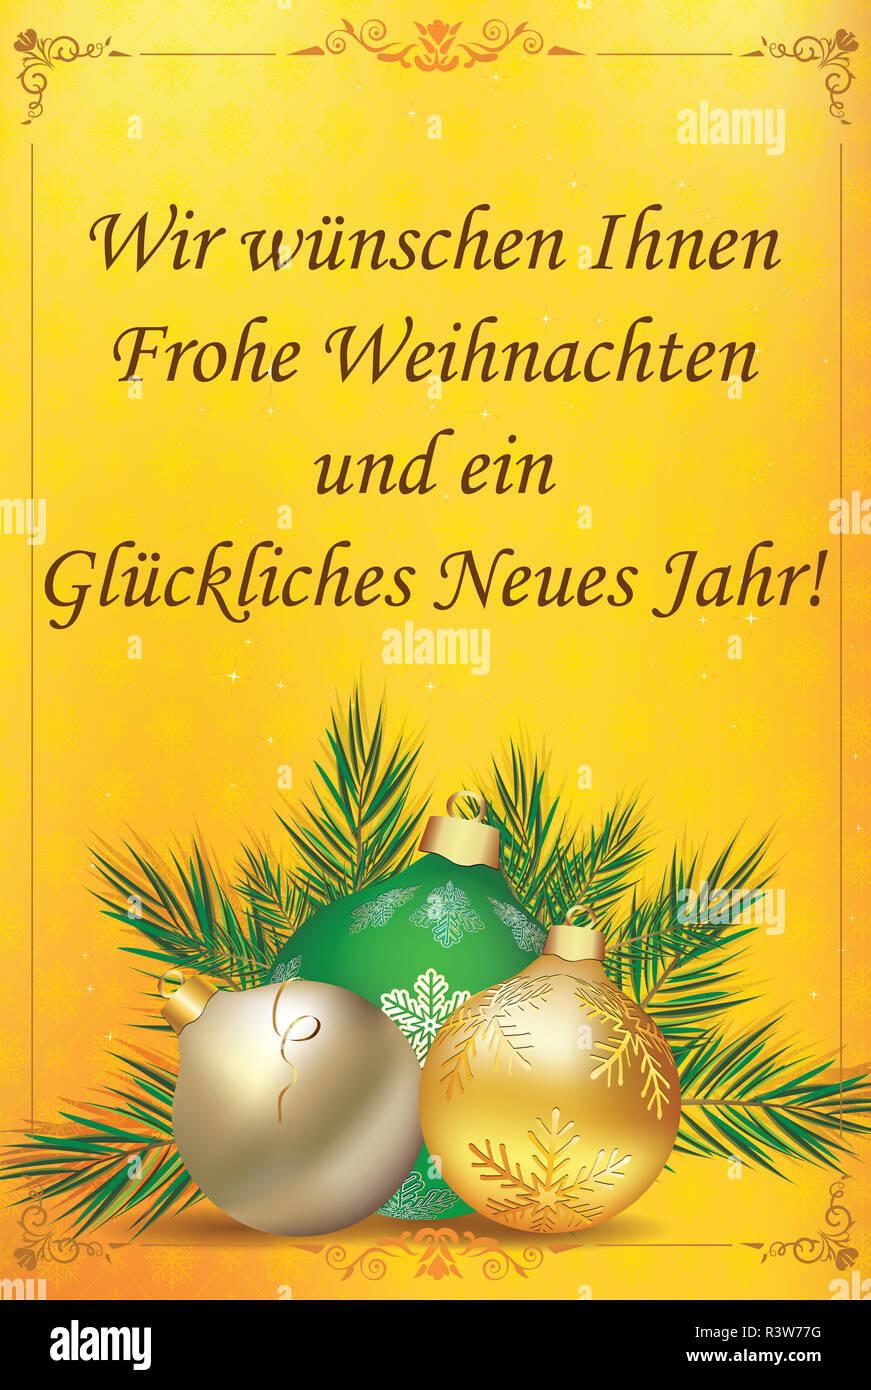 Frohe Weihnachten Und Ein Gutes Neues Jahr Holländisch.Frohes Neues Jahr Auf Deutsch Stockfotos Frohes Neues Jahr Auf